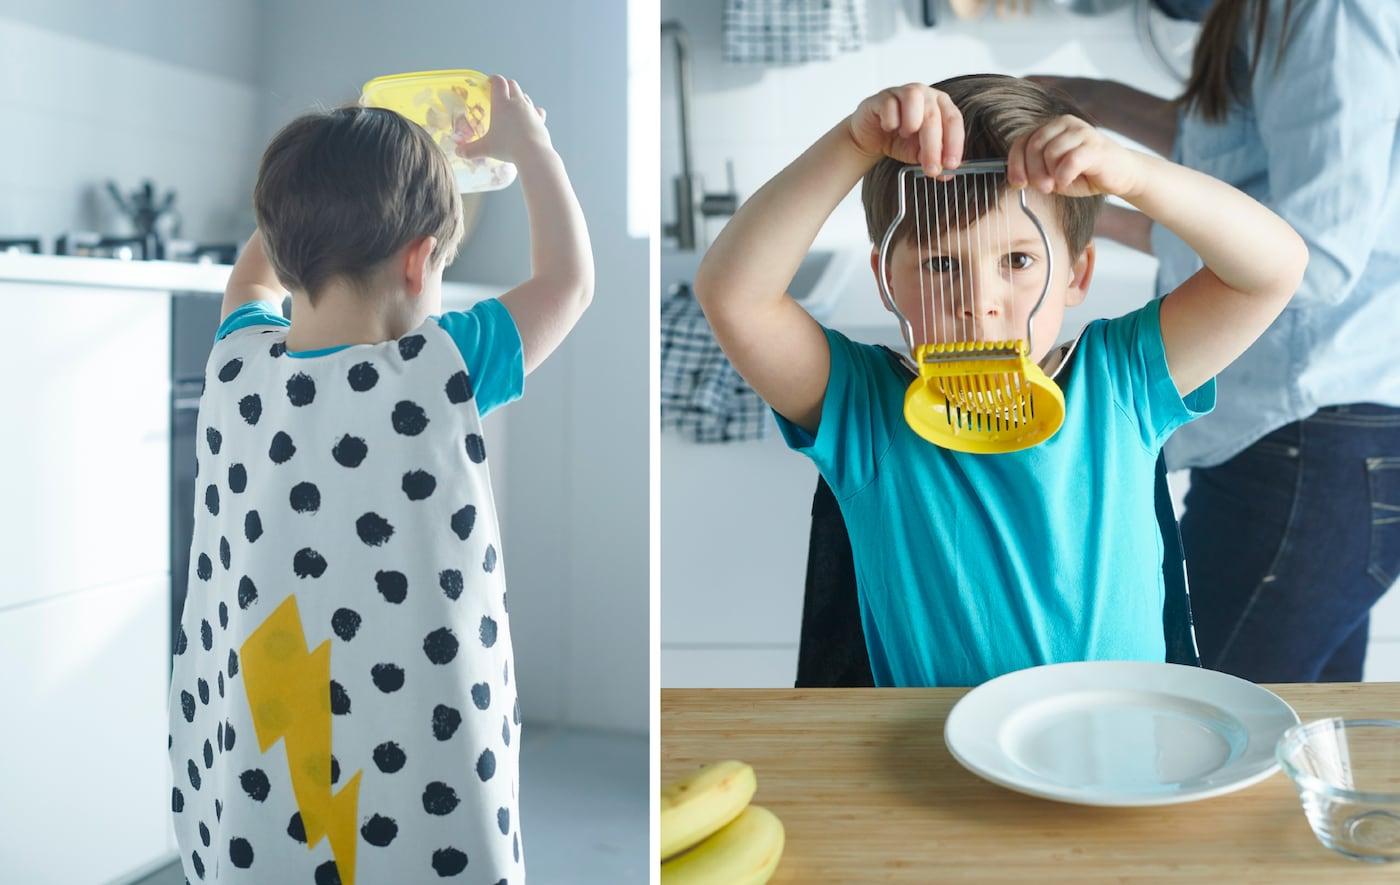 Protresi beli luk u plastičnoj posudi i pretvori ljuštenje u dečju igru.